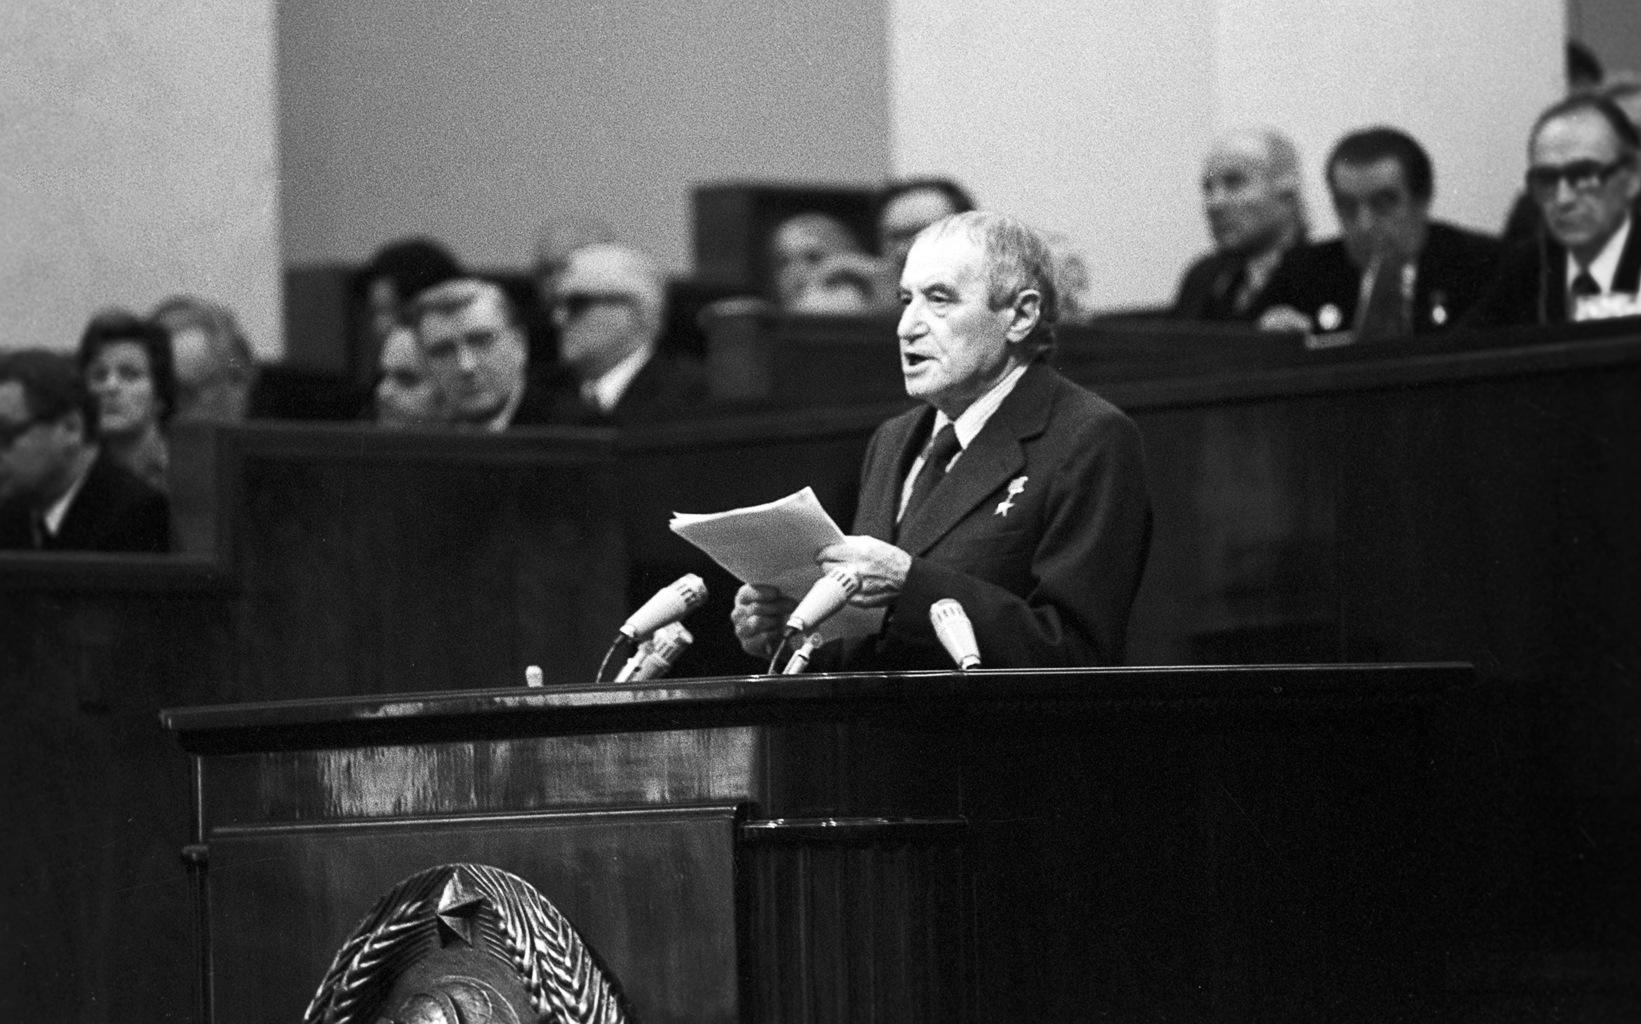 Valentyin Katajev a Kremlben beszél 1977-ben #moszkvater